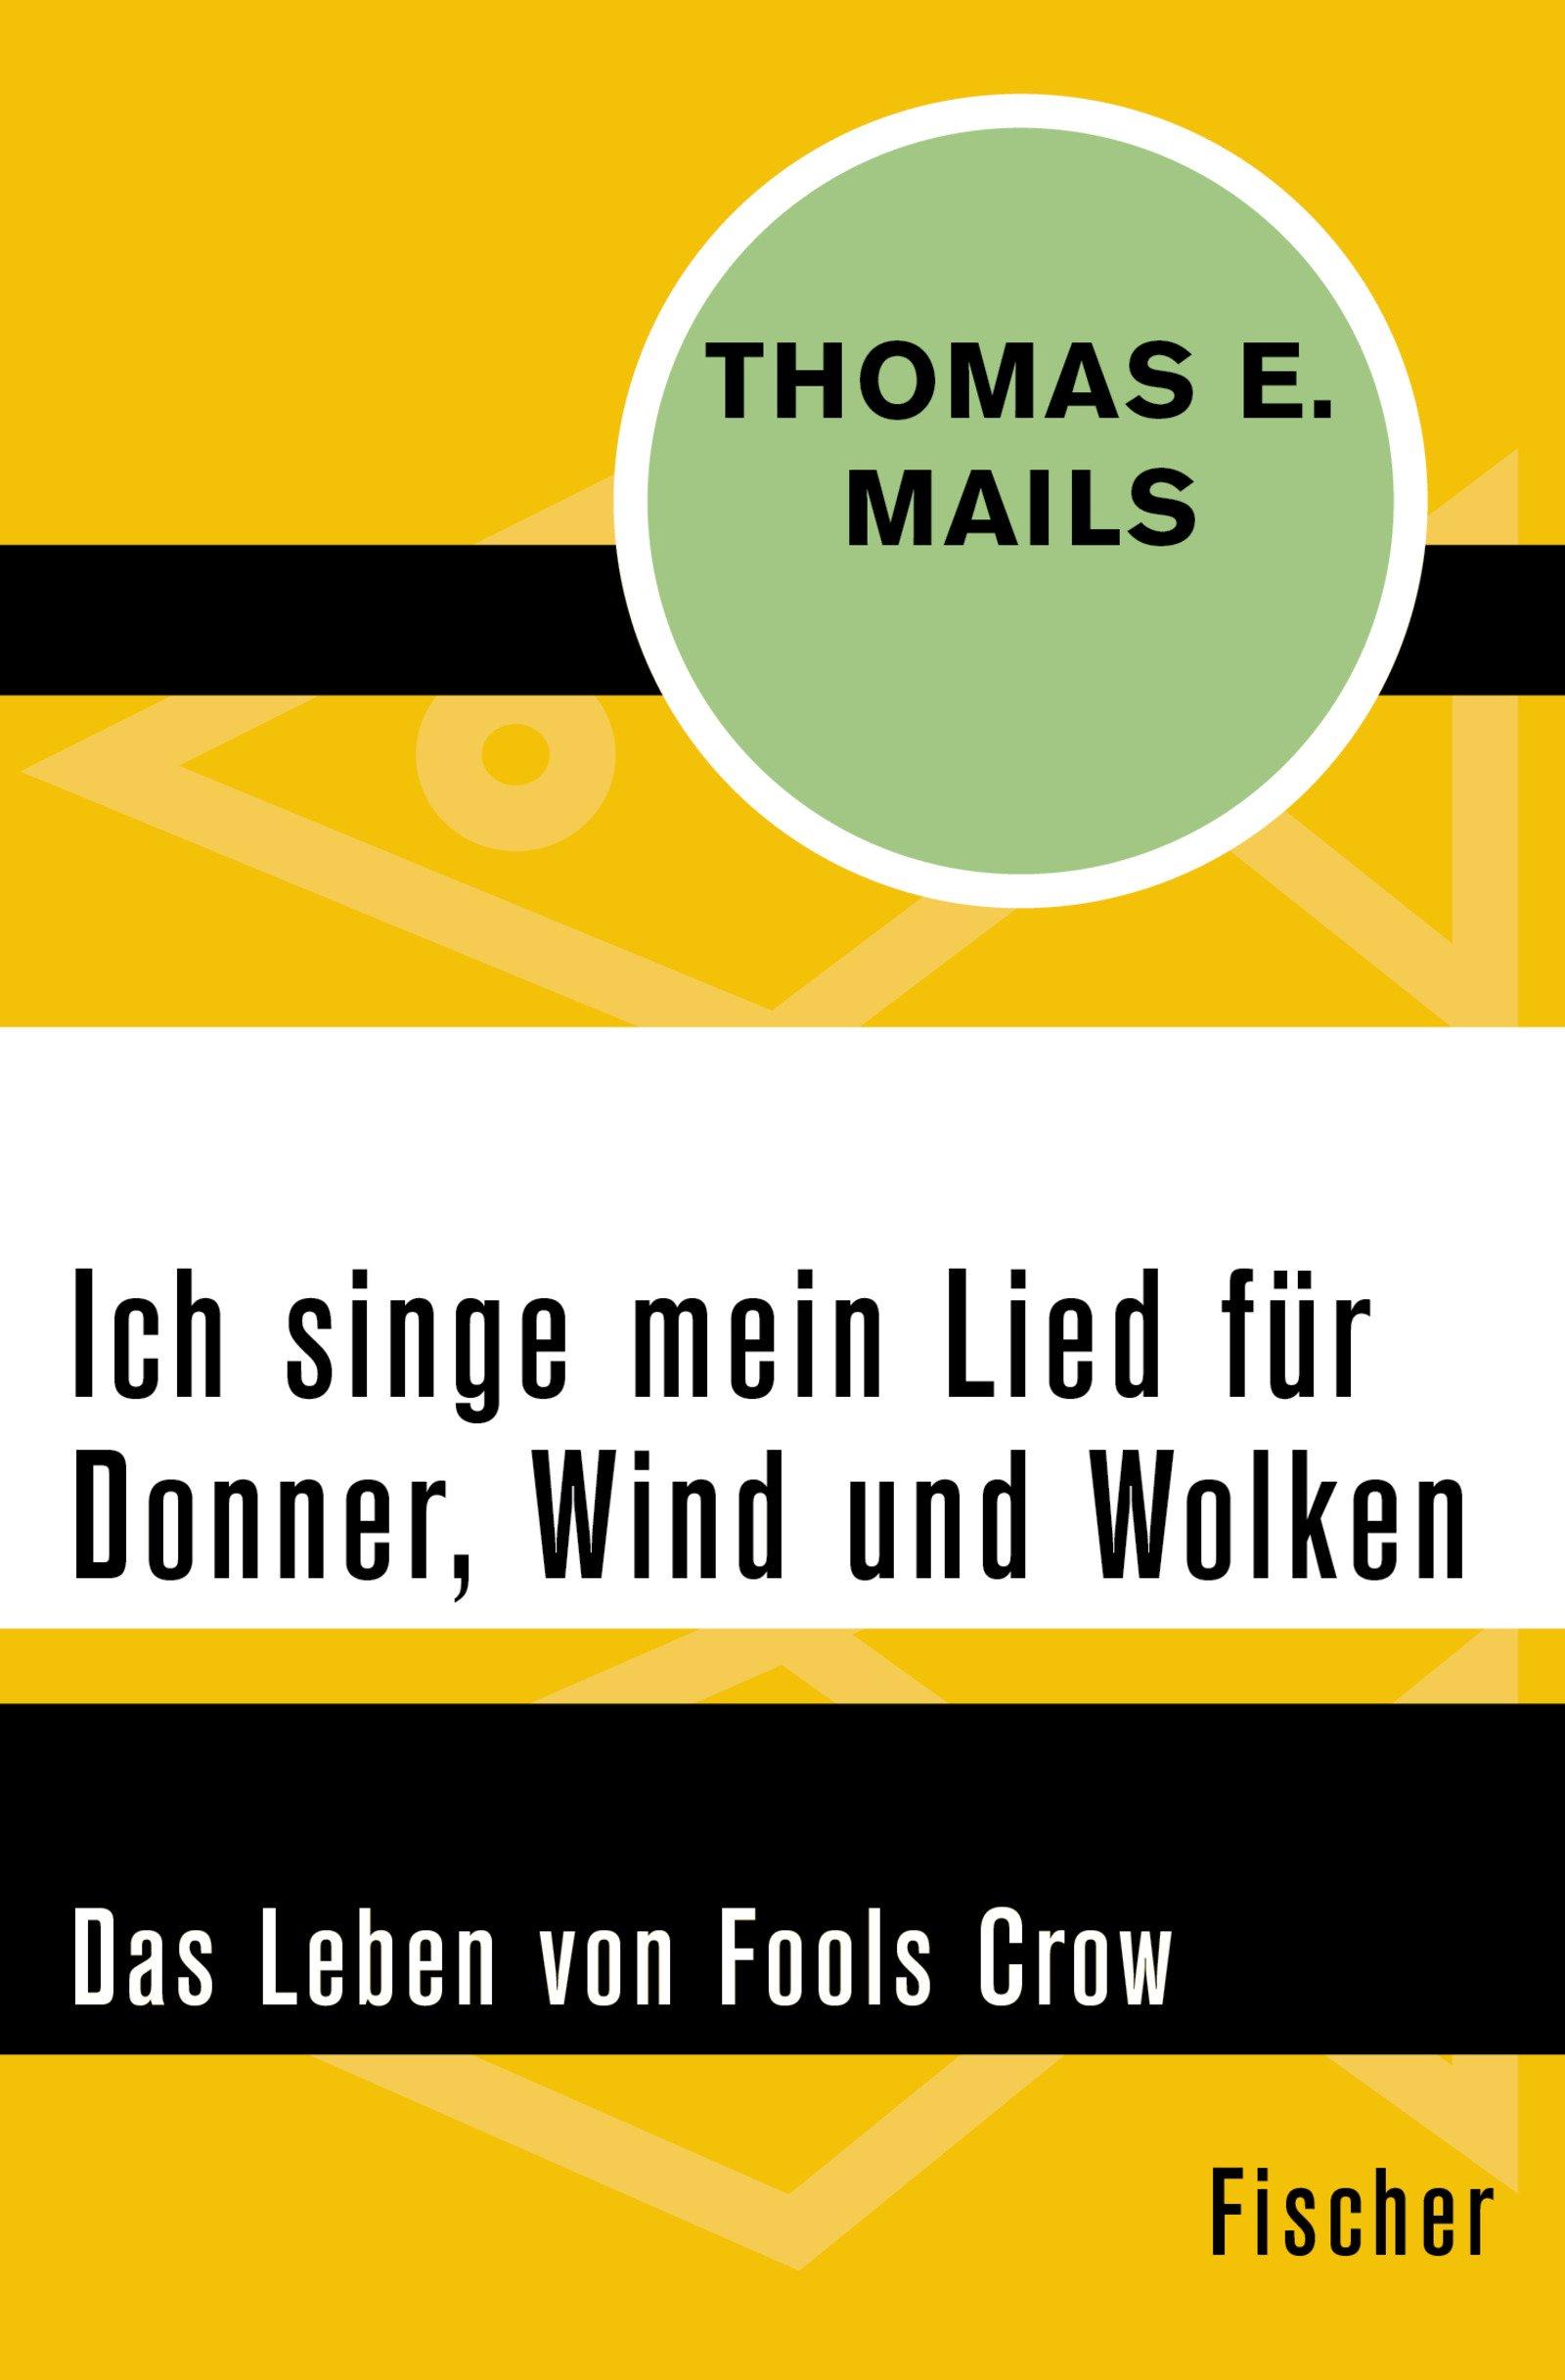 Ich singe mein Lied für Donner, Wind und Wolken: Das Leben von Fools Crow